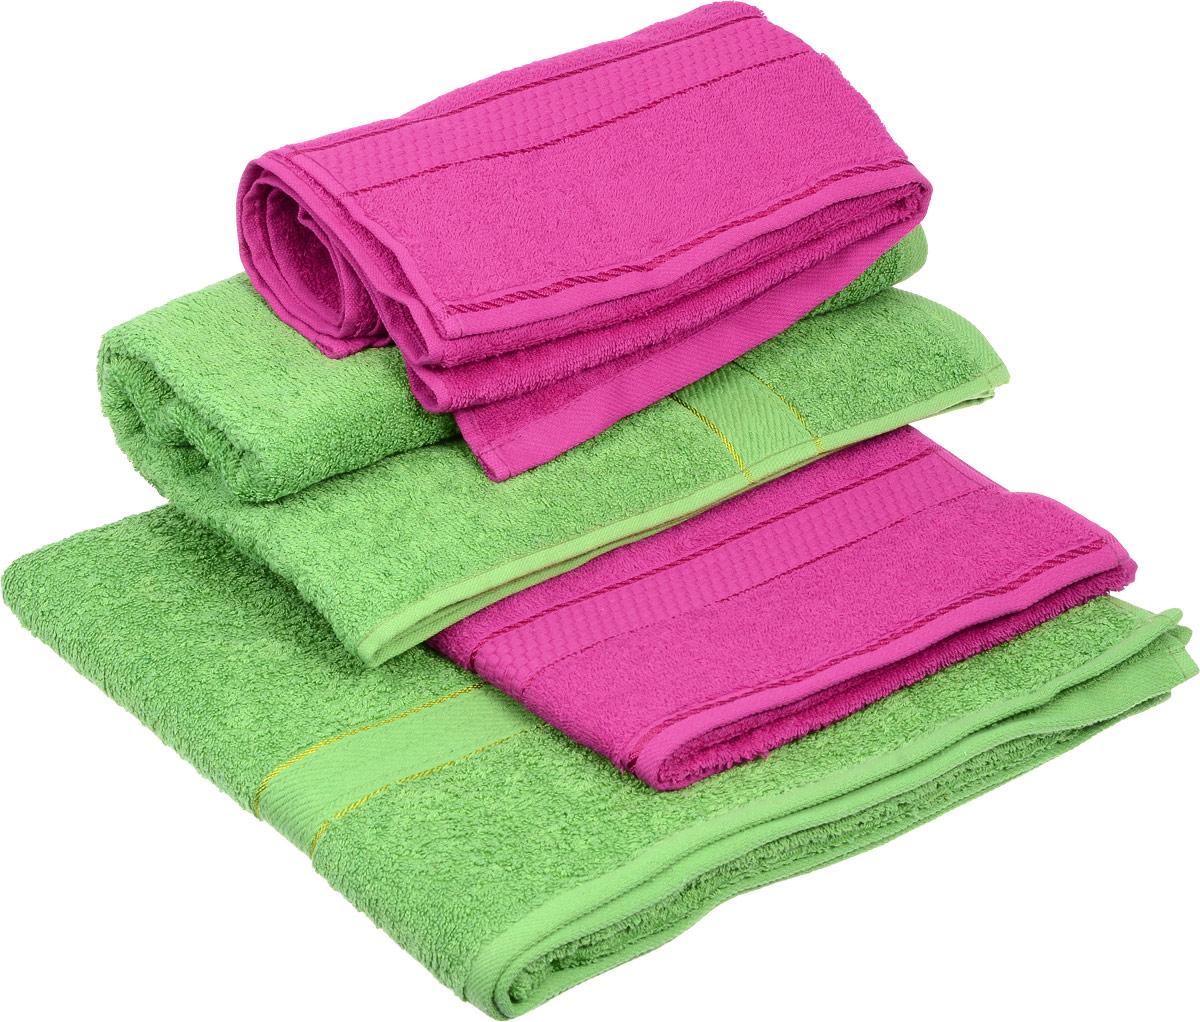 """Набор махровых полотенец """"Aisha Home Textile"""", цвет: зеленый, малиновый, 4 шт"""